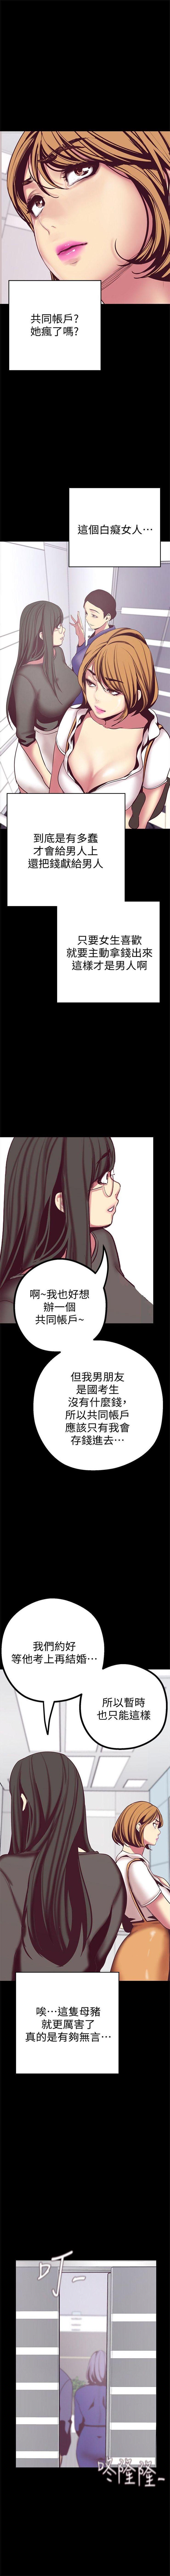 (周6)美丽新世界 1-61 中文翻译 (更新中) 149